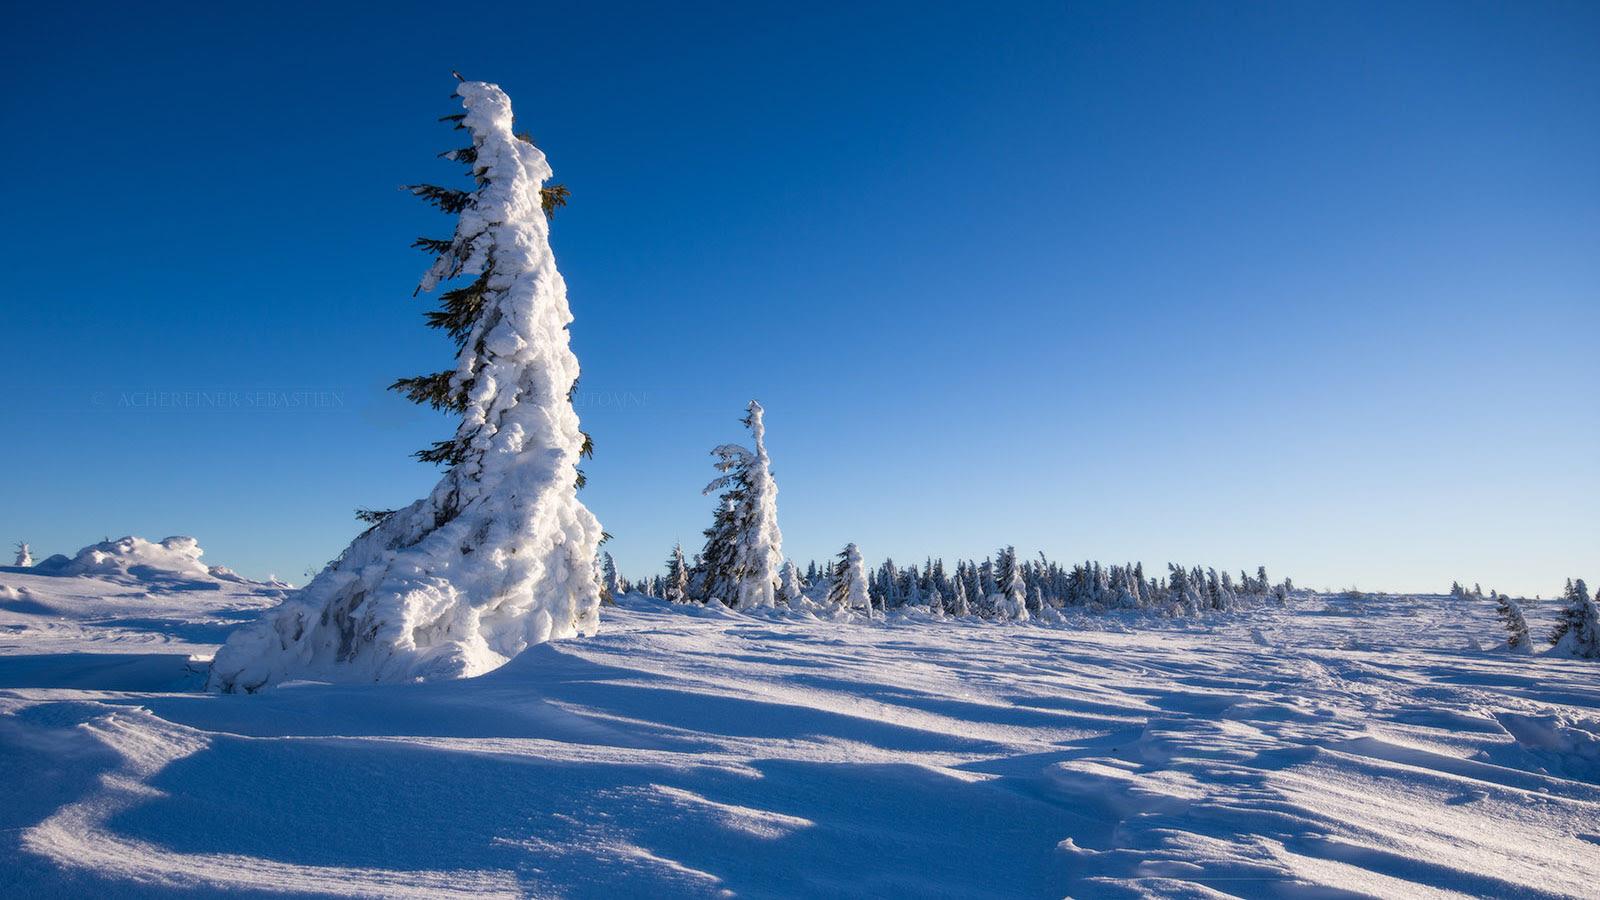 Paysage hivernal [1600x900]